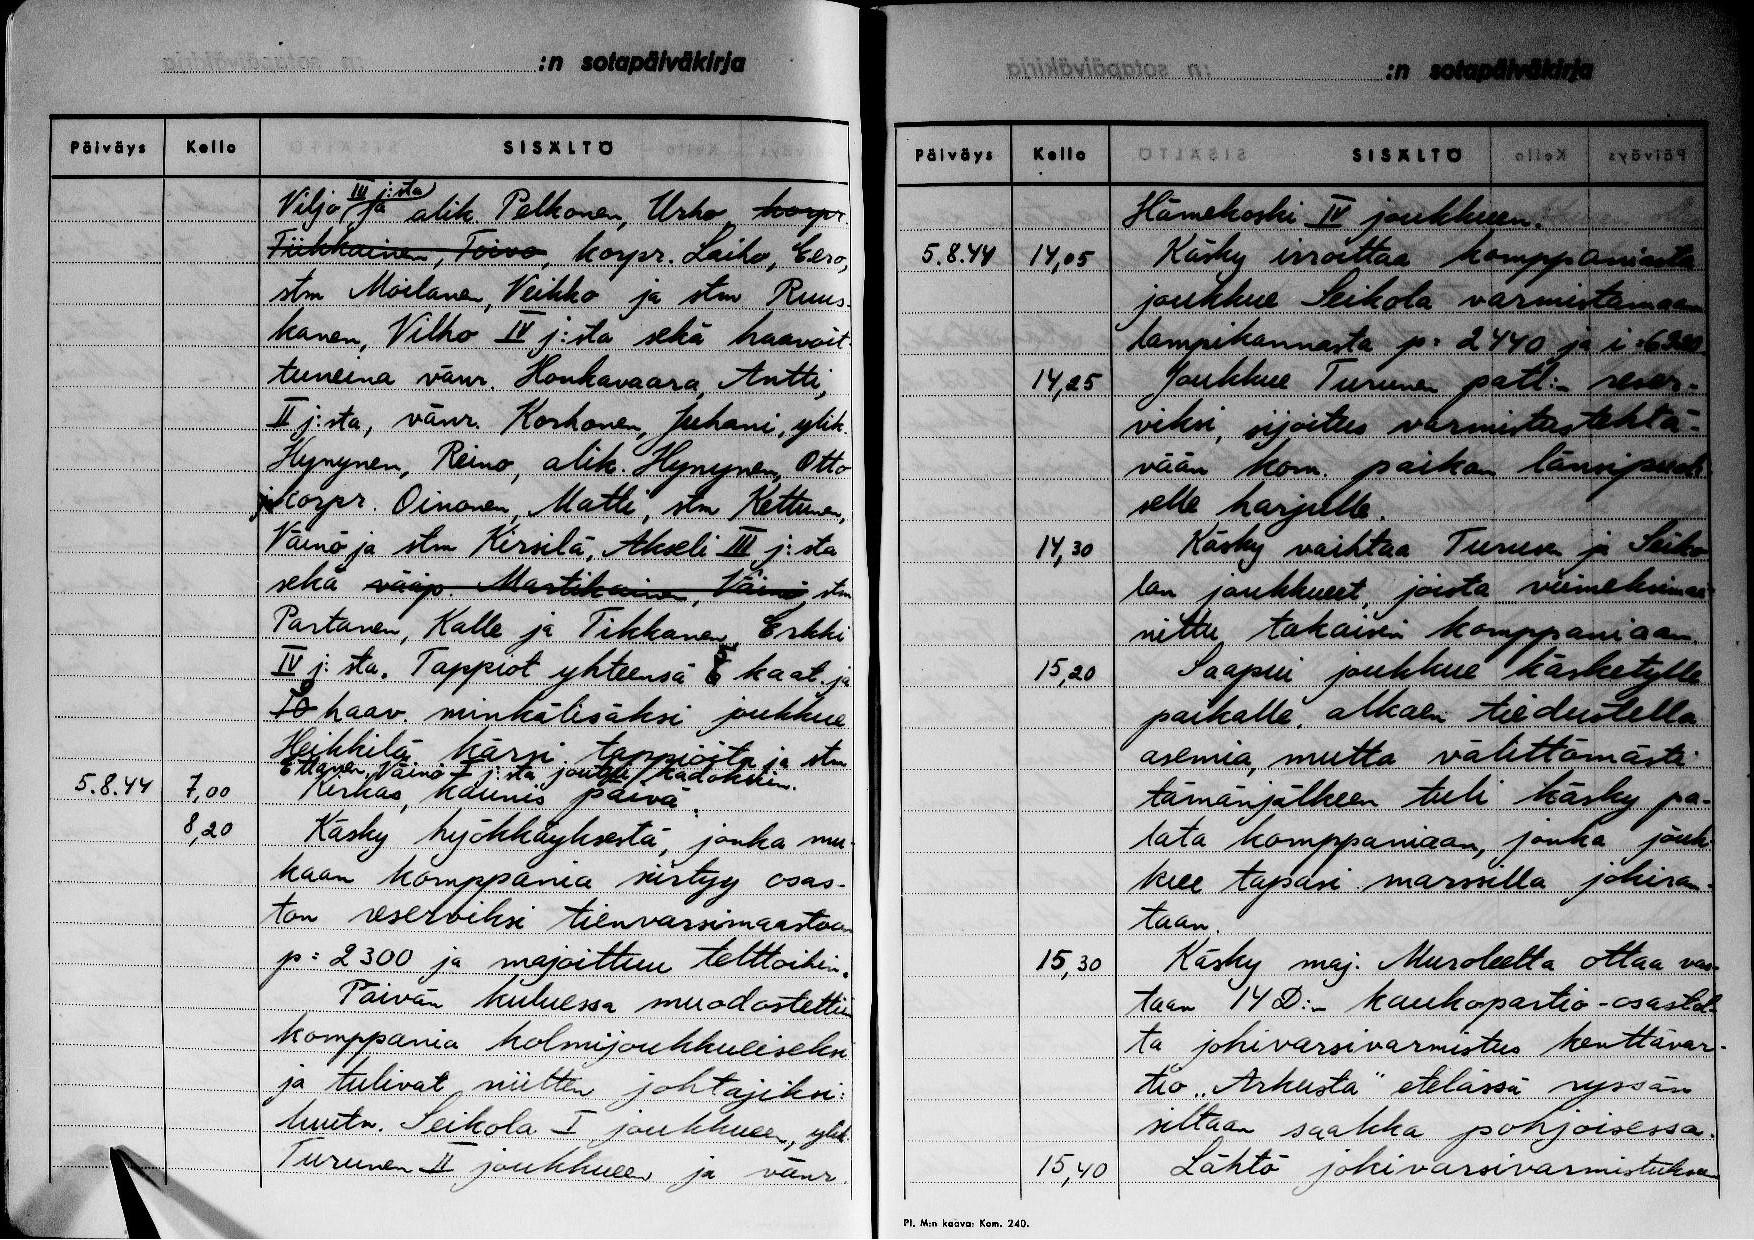 9./JR 10 sotapäiväkirja, josta ilmenee ikävä tapahtuma elokuulta 1944.